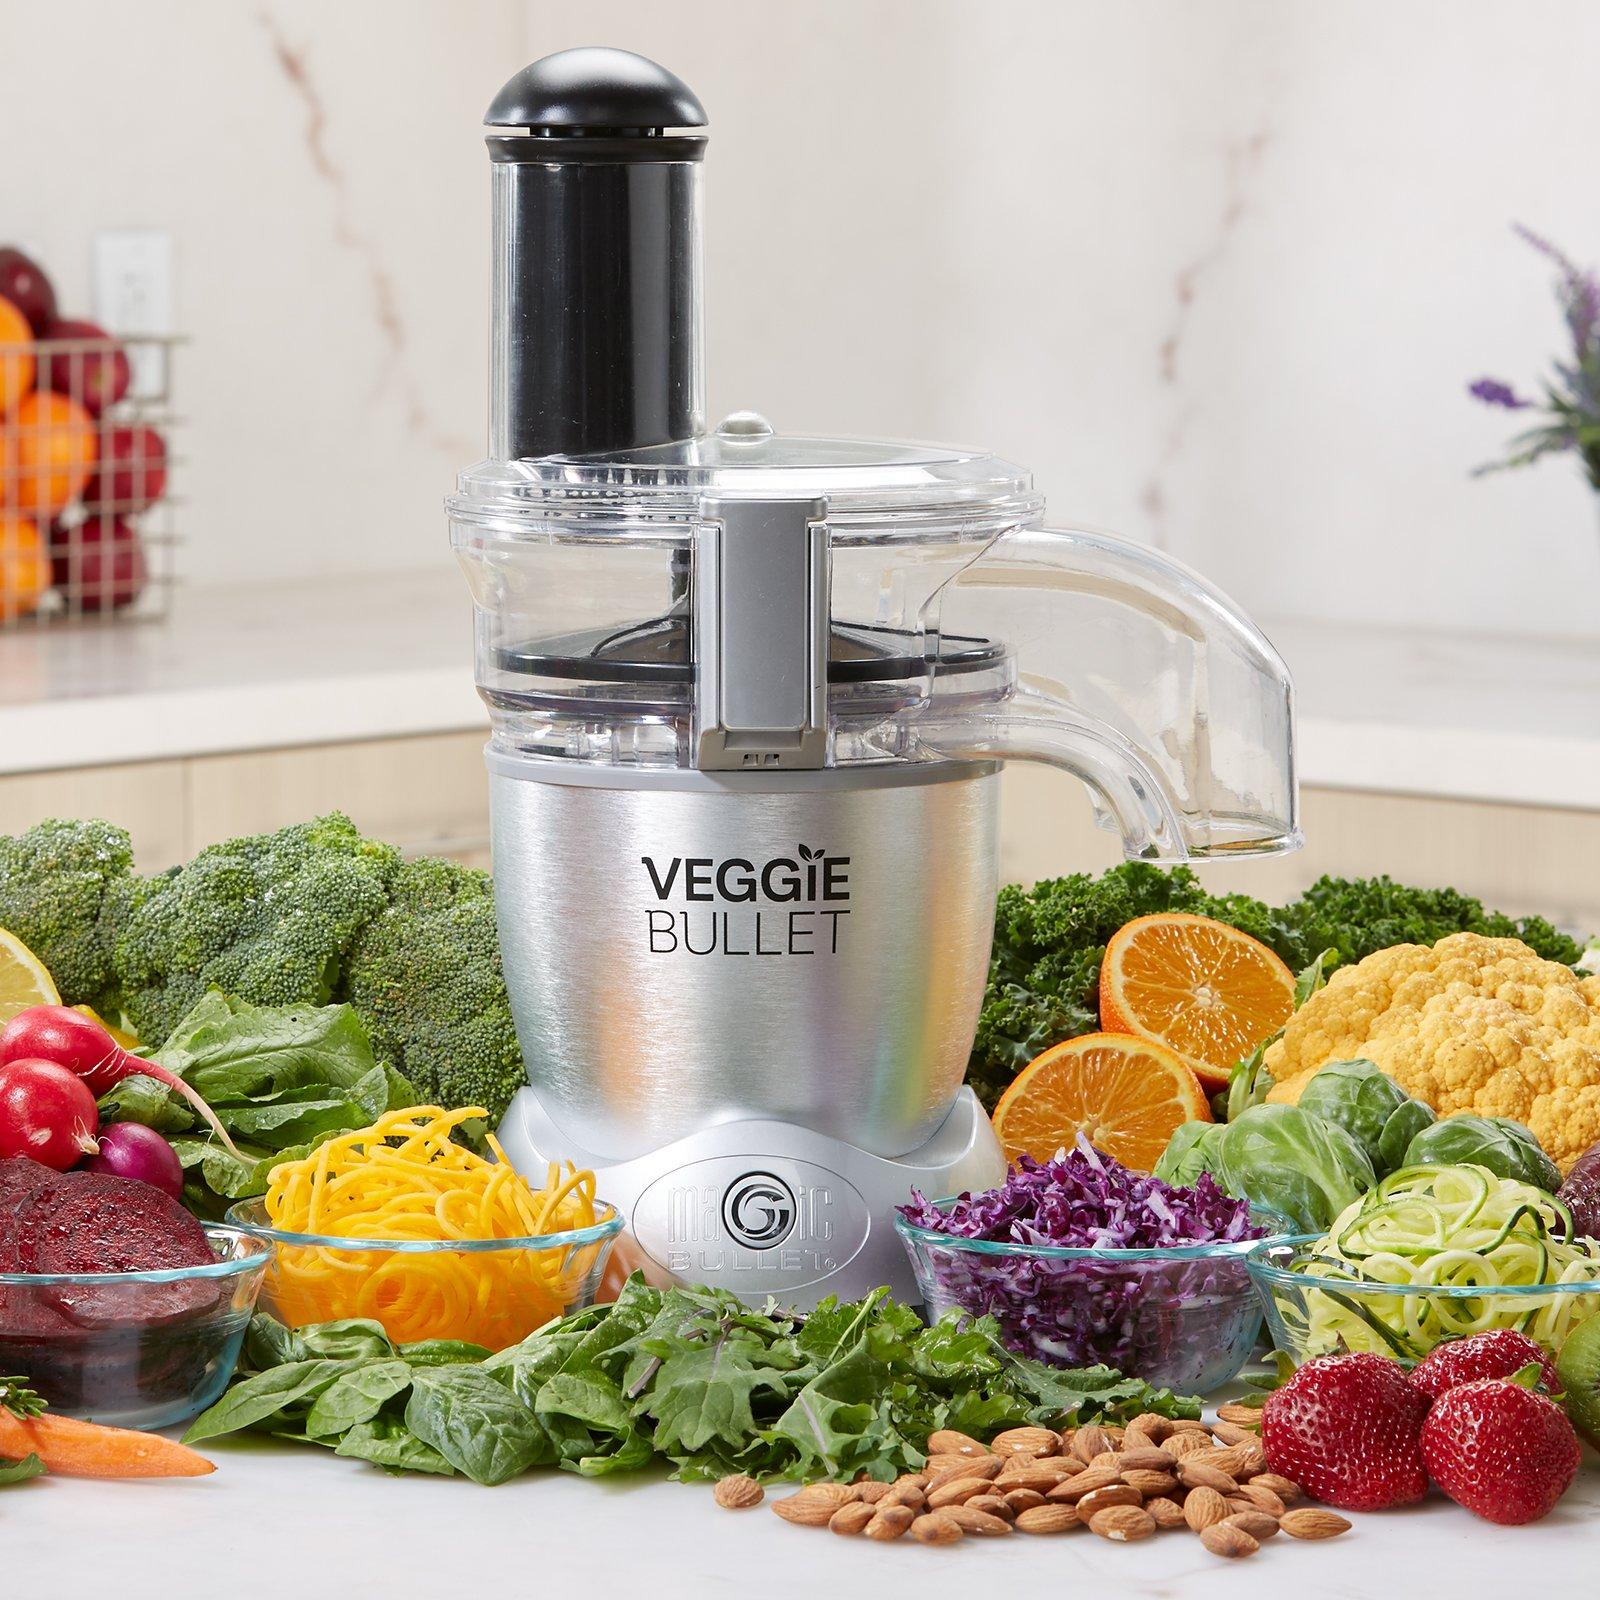 NutriBullet 10 880 Plata - Robot de cocina (Plata, De plástico, Acero inoxidable, De plástico, De plástico, Acero inoxidable): Amazon.es: Hogar